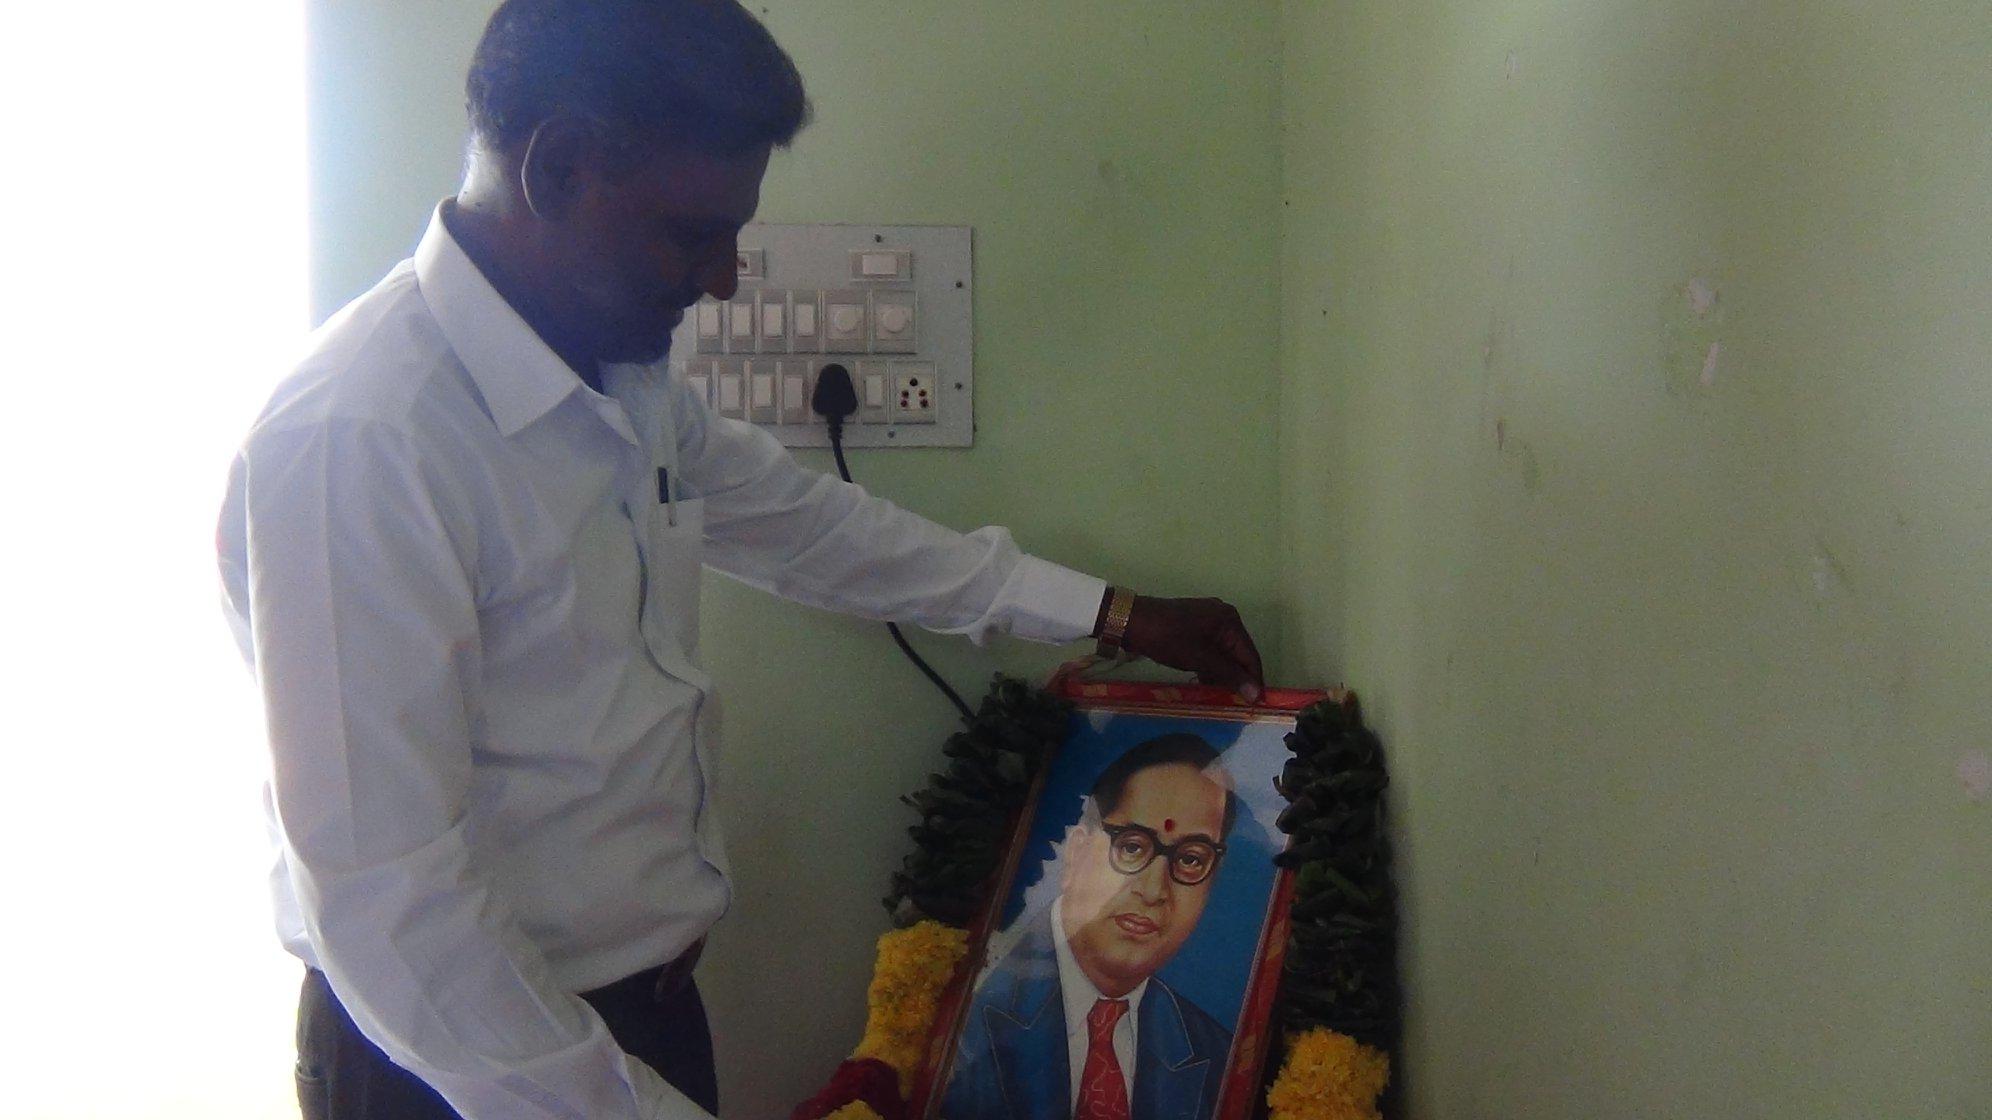 Comme souvent avant les réunions marquantes, un hommage est rendu à leur guide Dr Ambedkar.